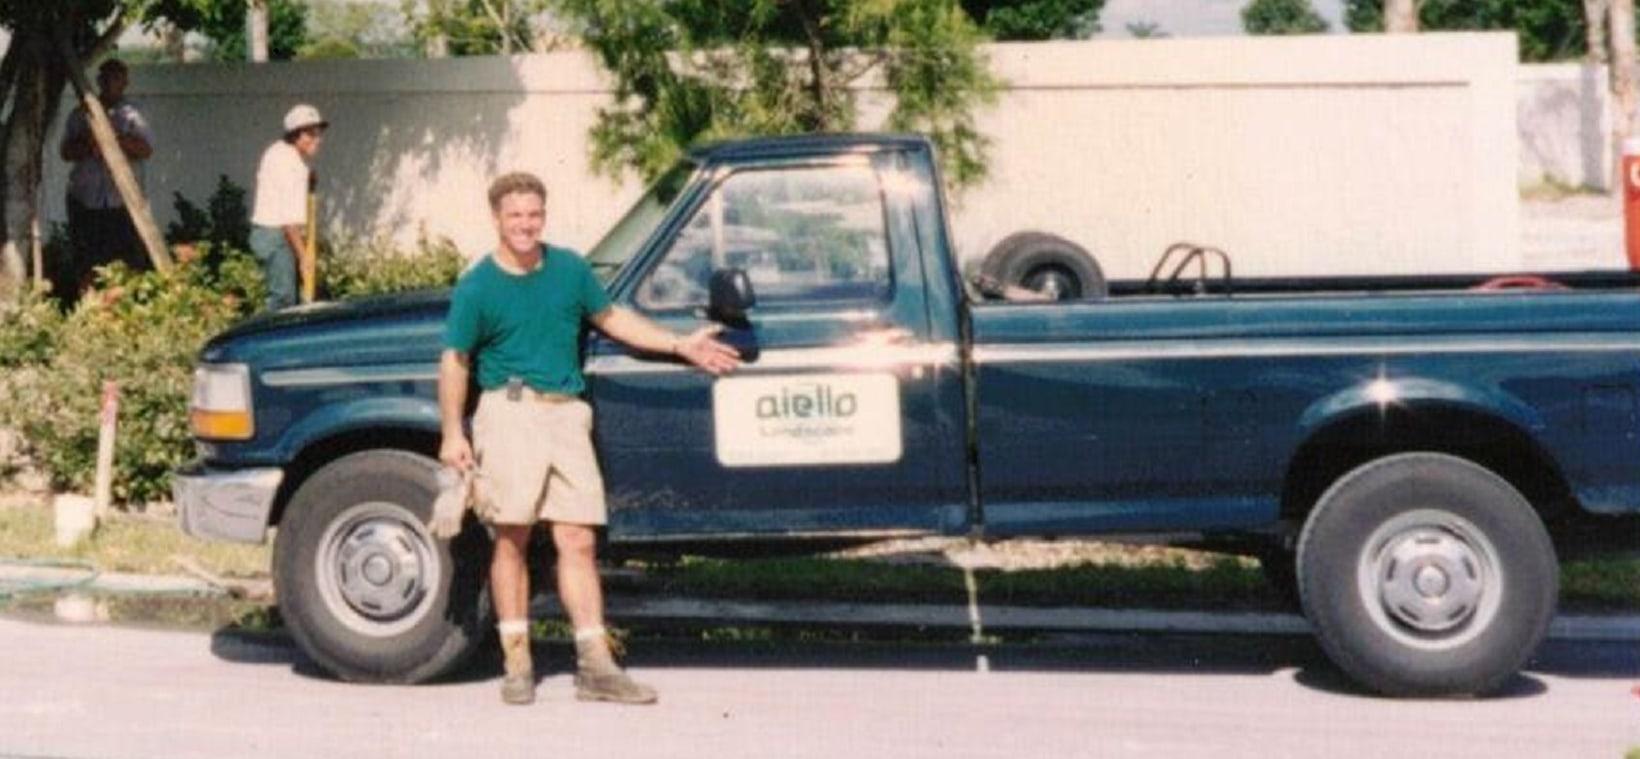 Aiello landscape truck